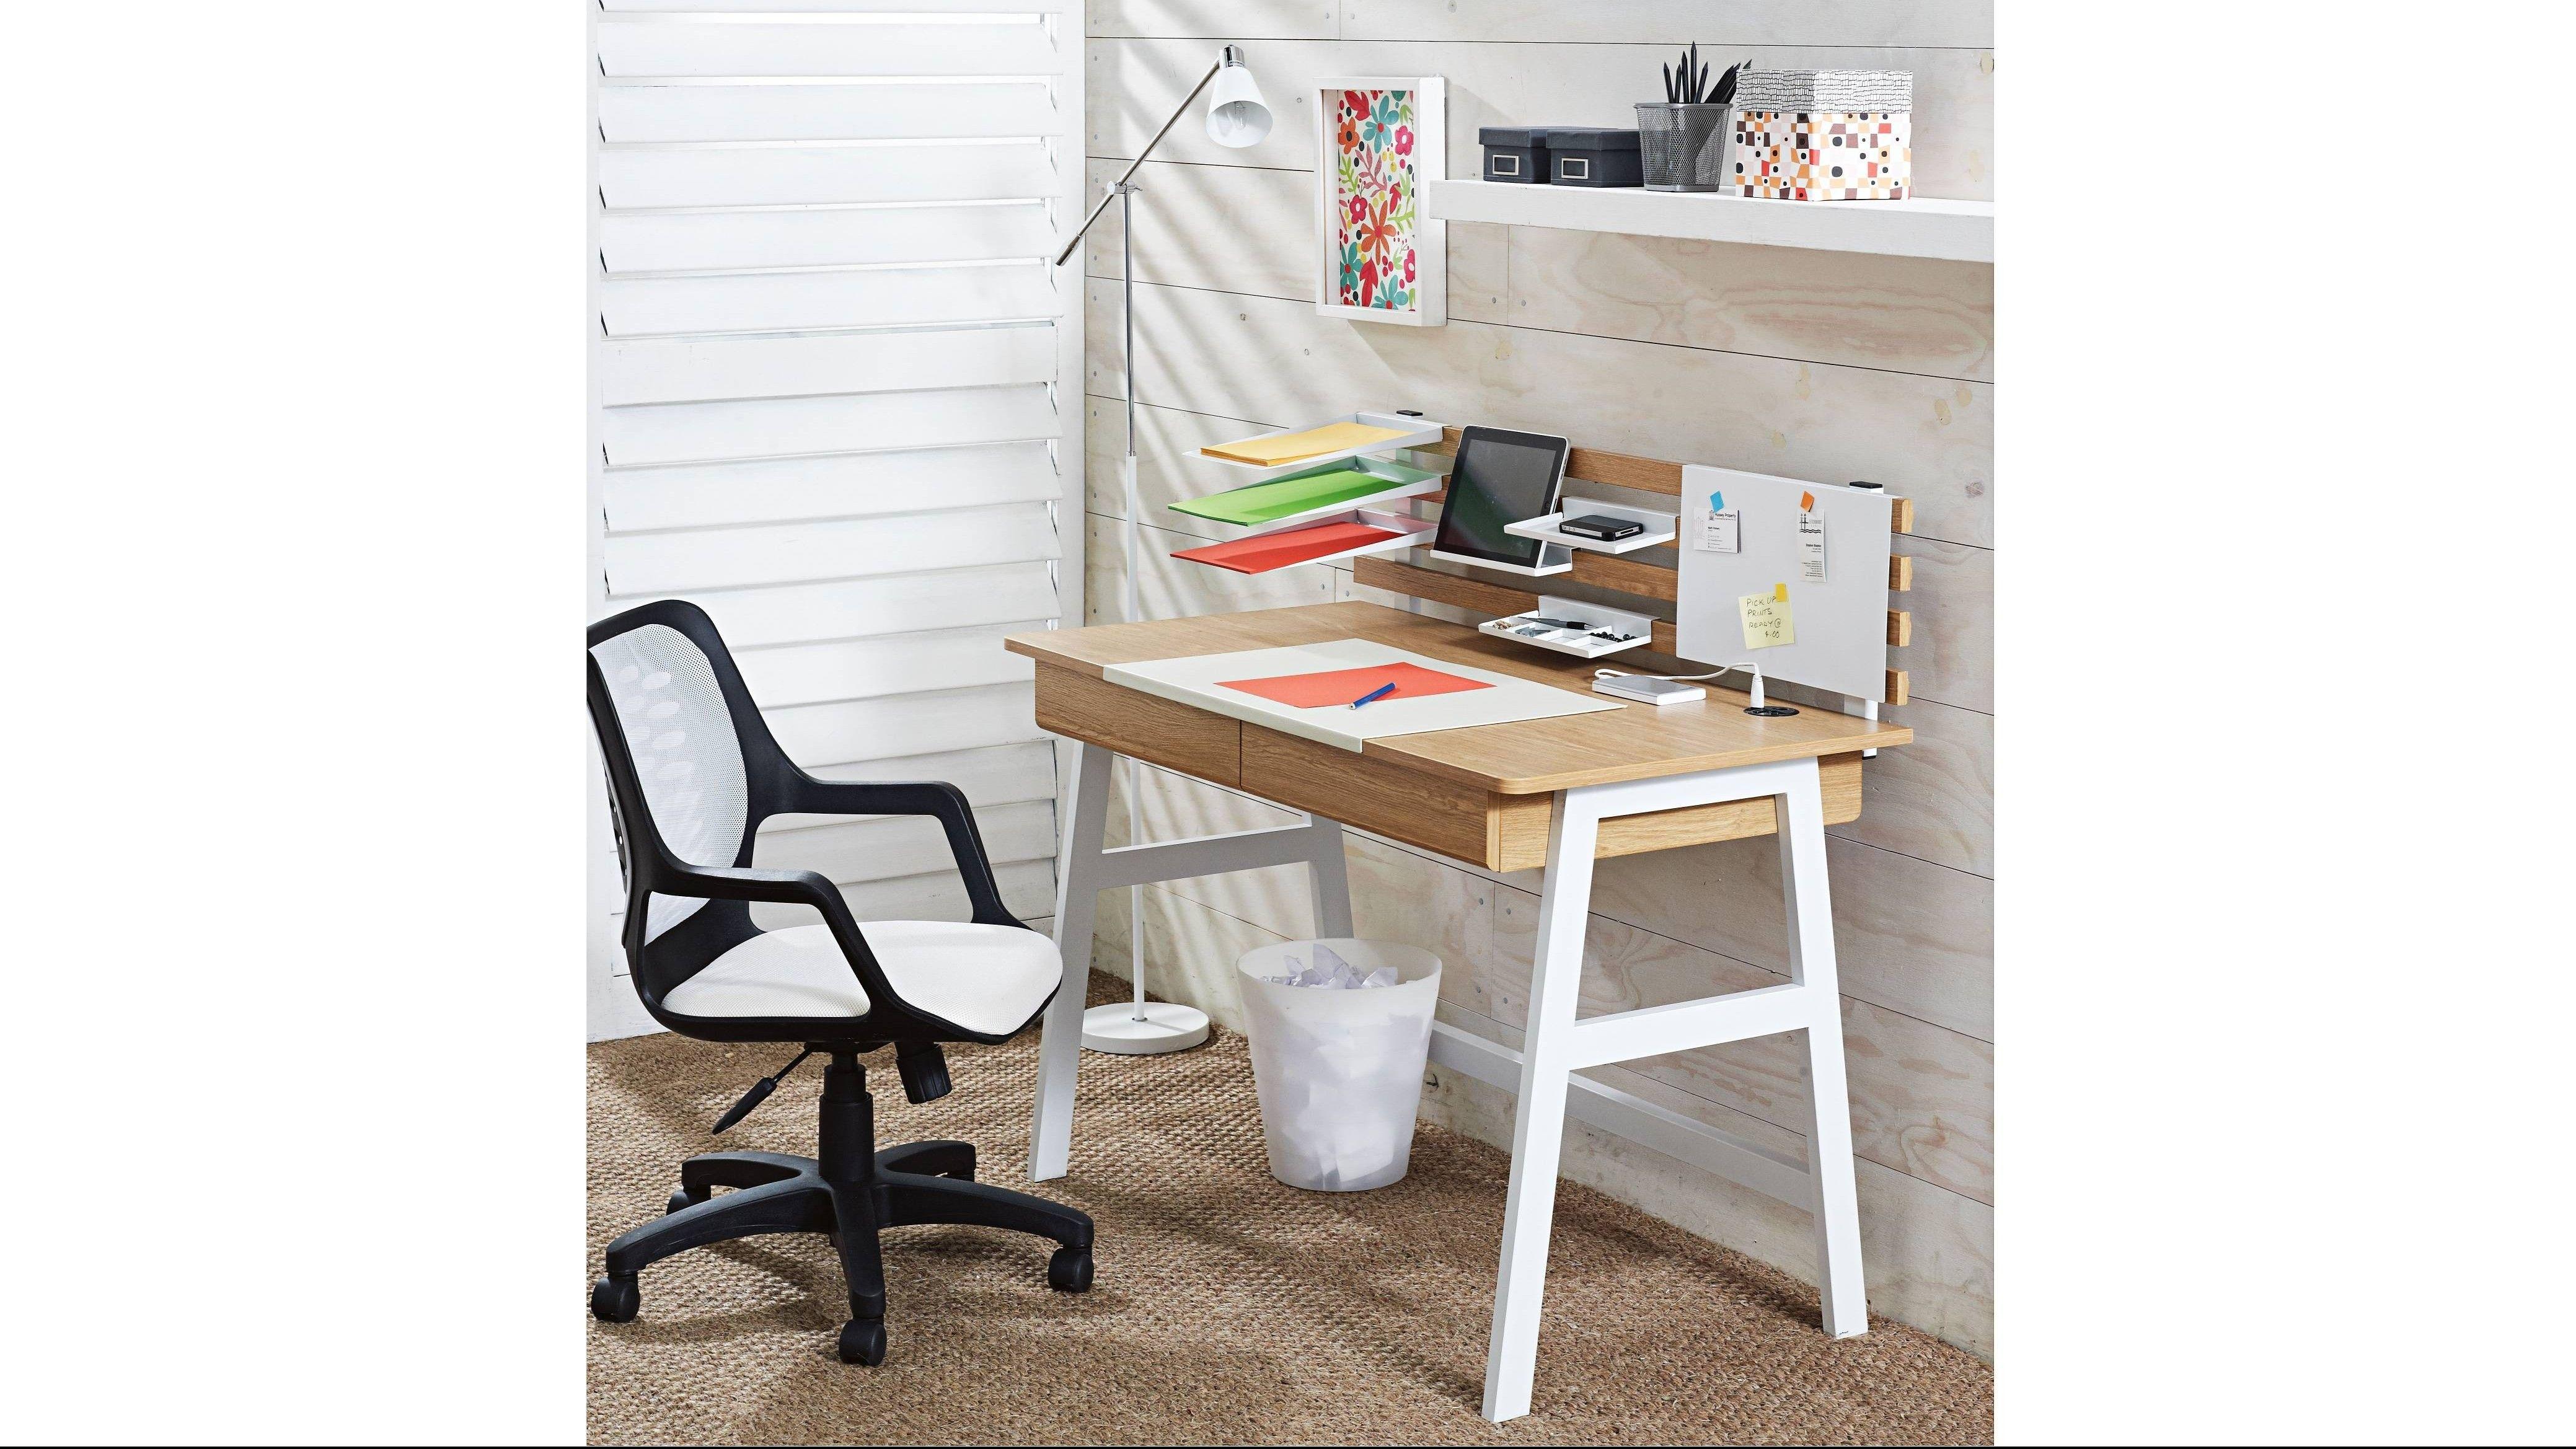 Kitson Student Desk home office Pinterest